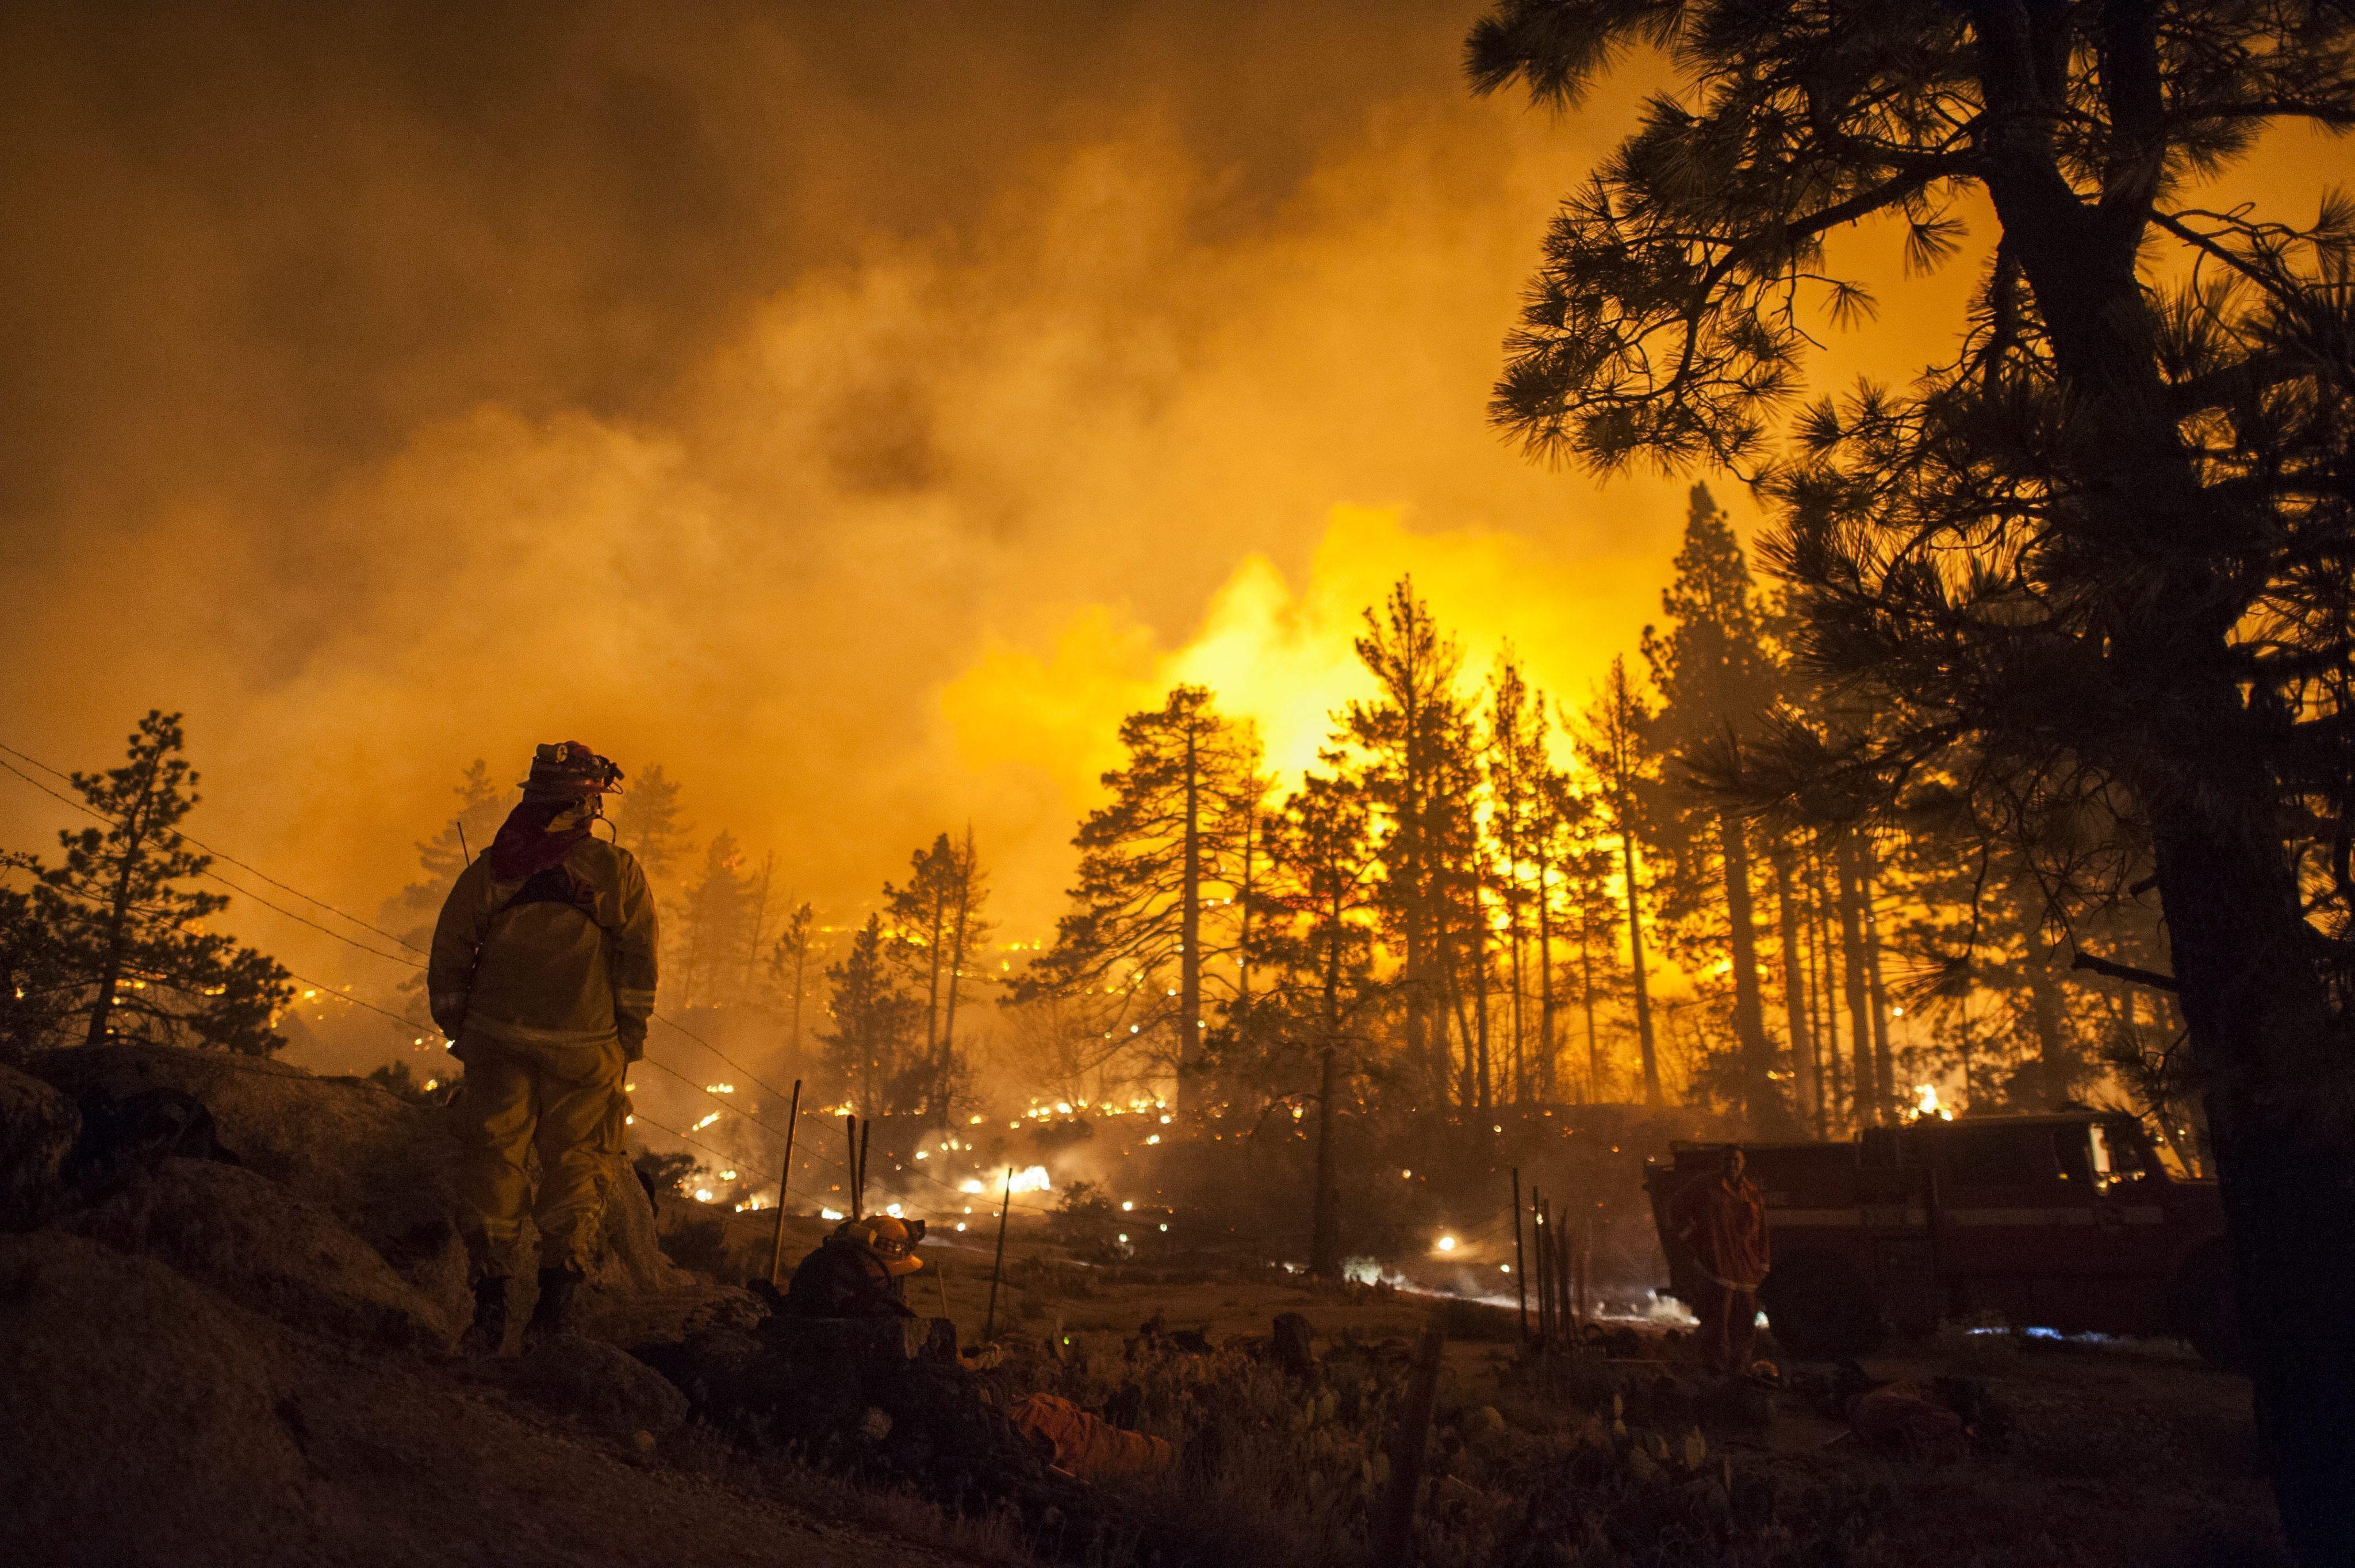 El incendio en el parque nacional de Yosemite, EEUU, sigue sin control